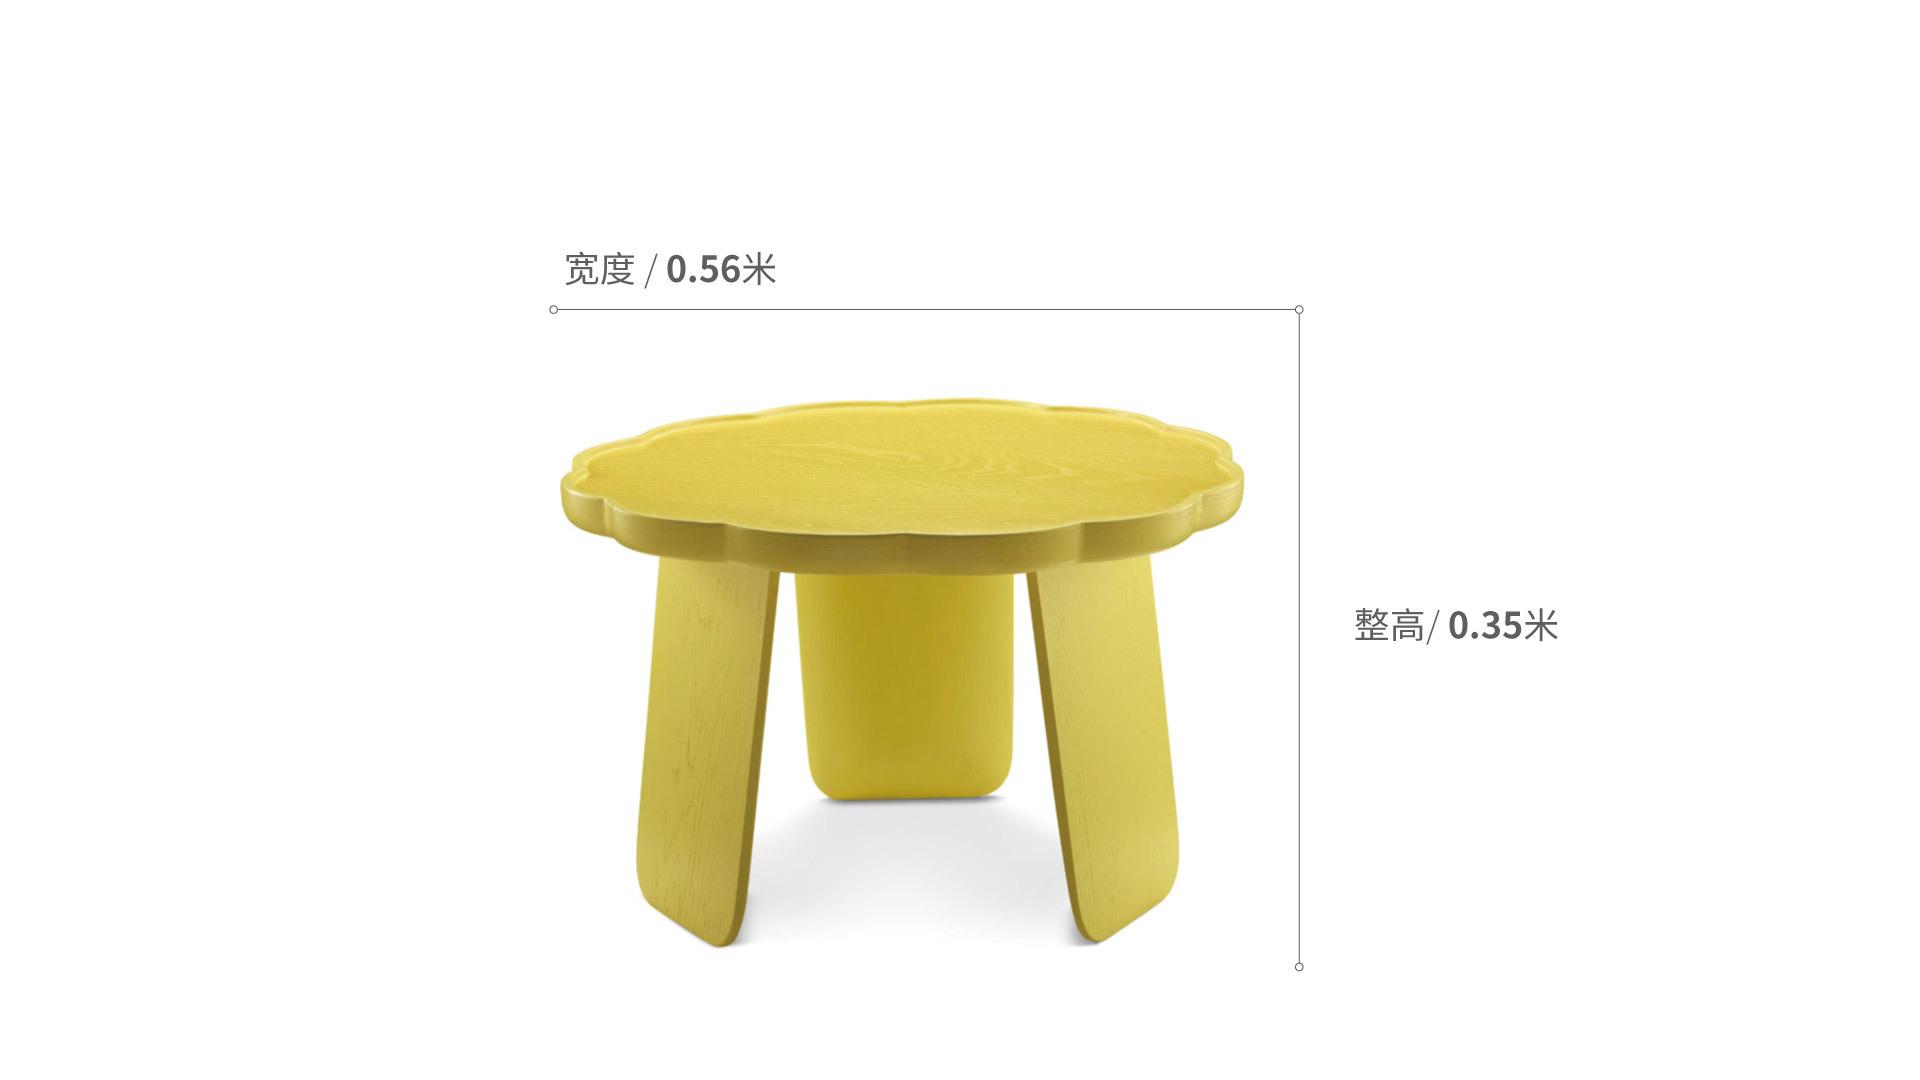 造作花间实木小桌™矮桌(多叶款)柜架效果图